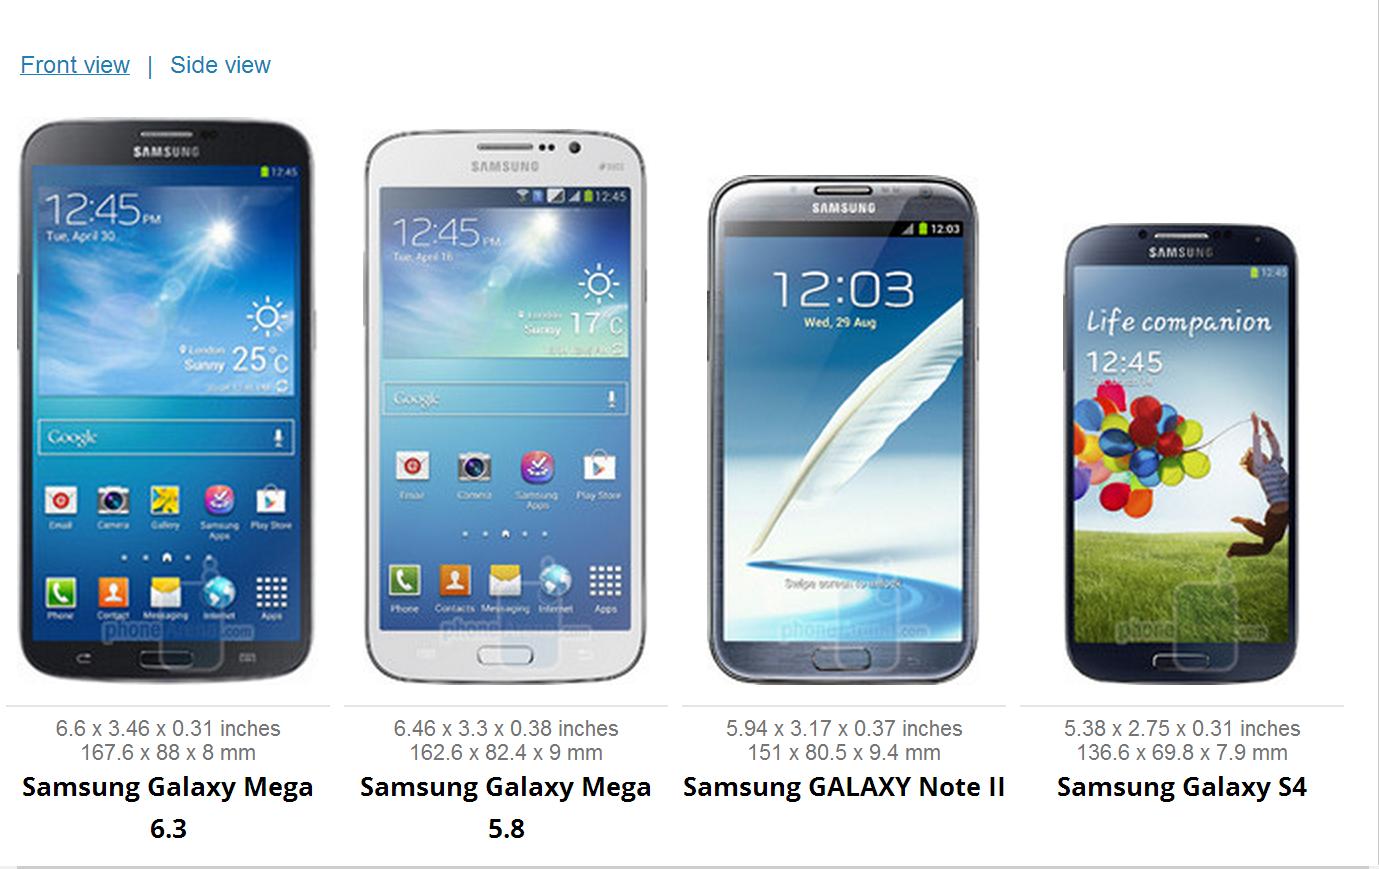 Samsung galaxy mega confronto dimensioni con note ii s4 for Smartphone piccole dimensioni